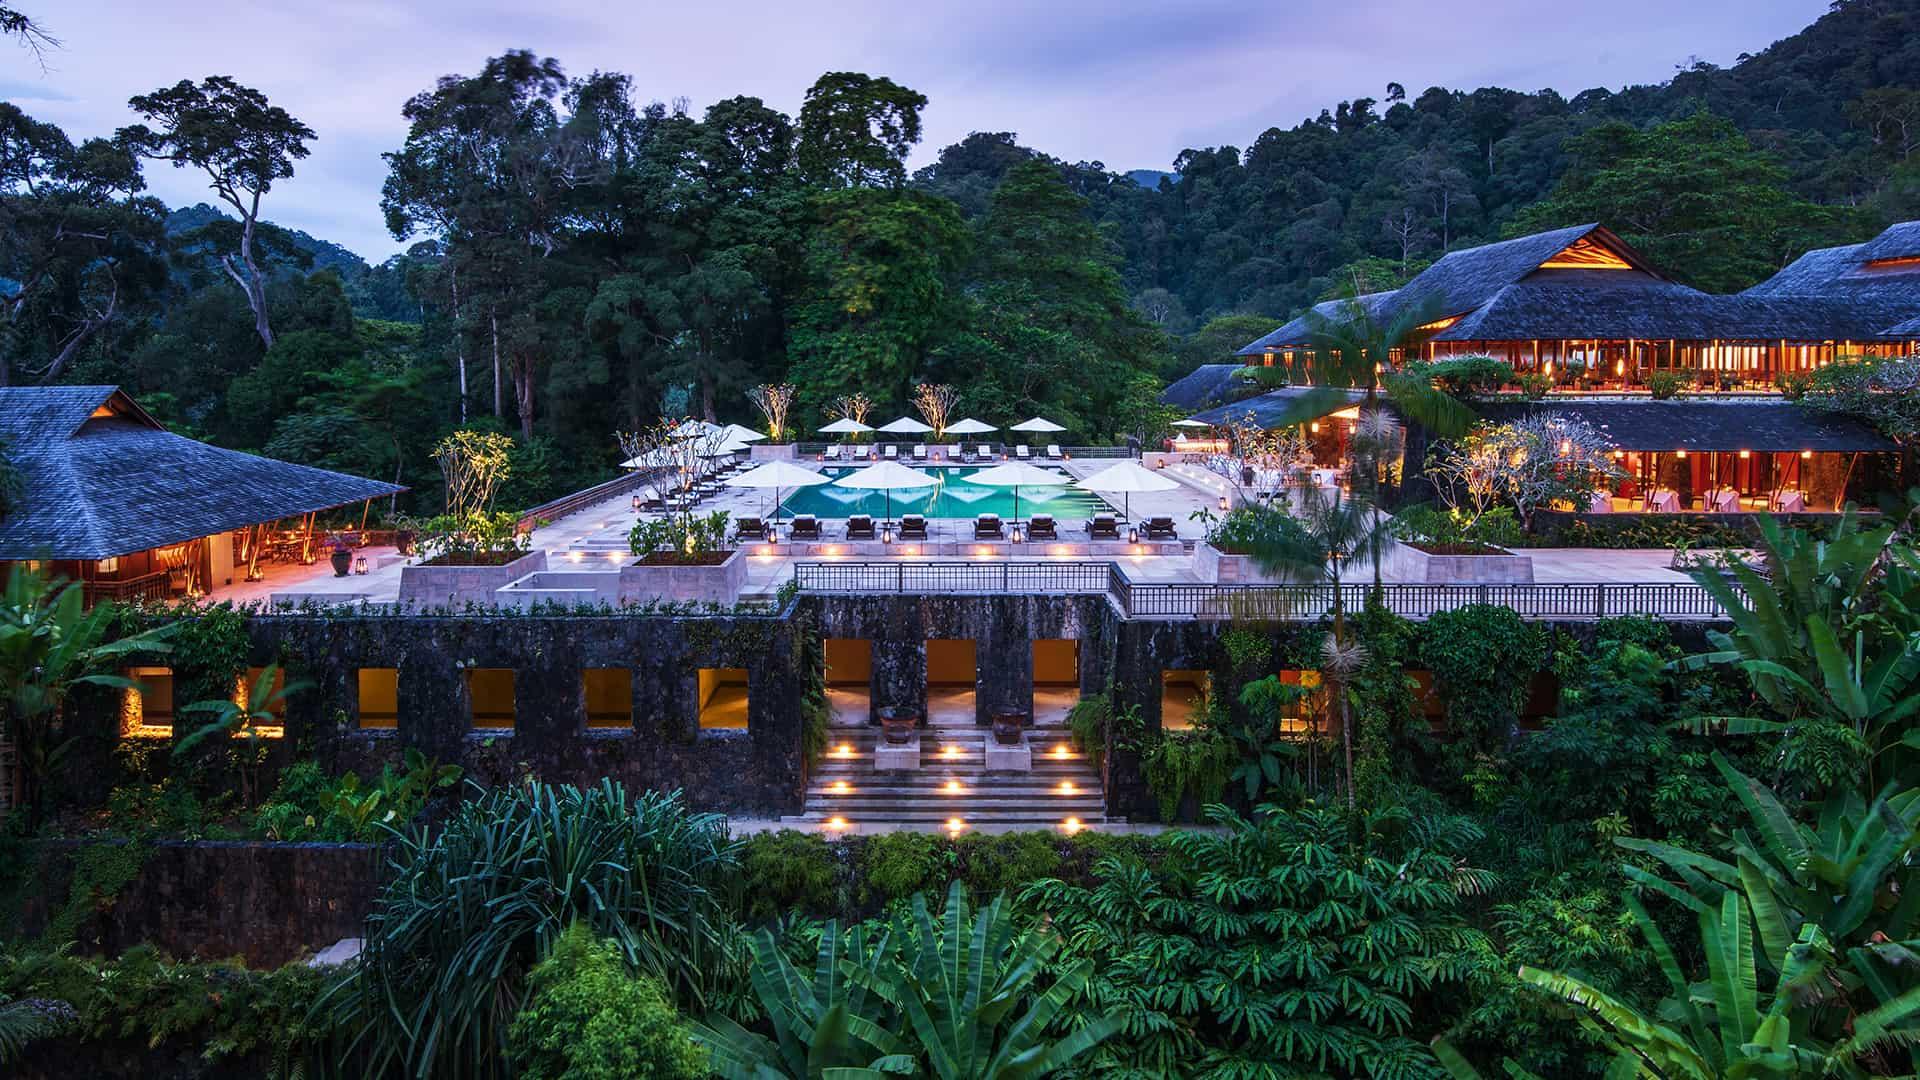 The Datai Langkawi View